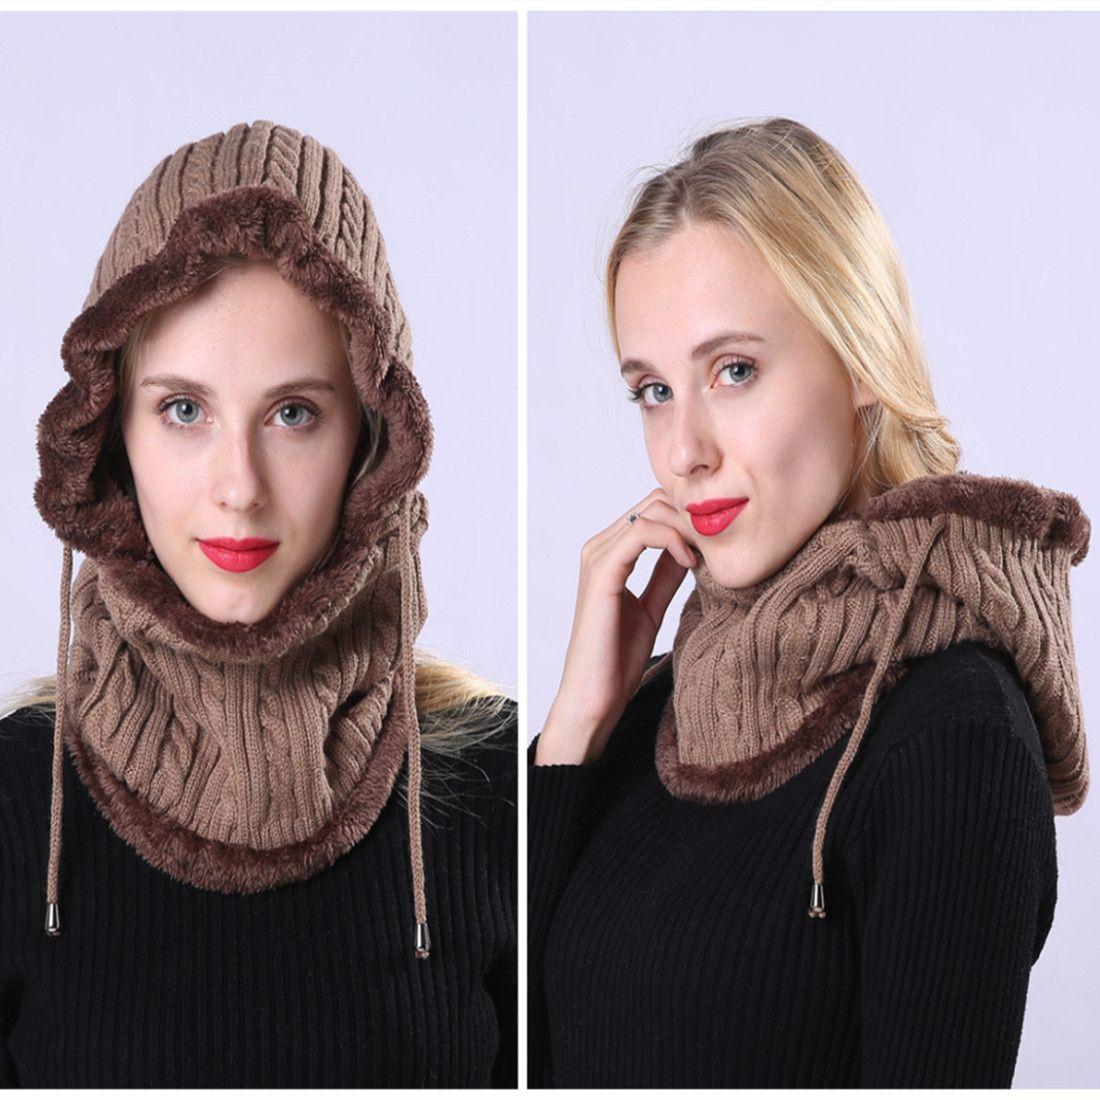 남성 여성 Skullies 비니 따뜻한 울 캡 발라 클라 바 모자 여성 니트 모자와 스카프 넥 워머 겨울 모자 6 색 DBC VT0883